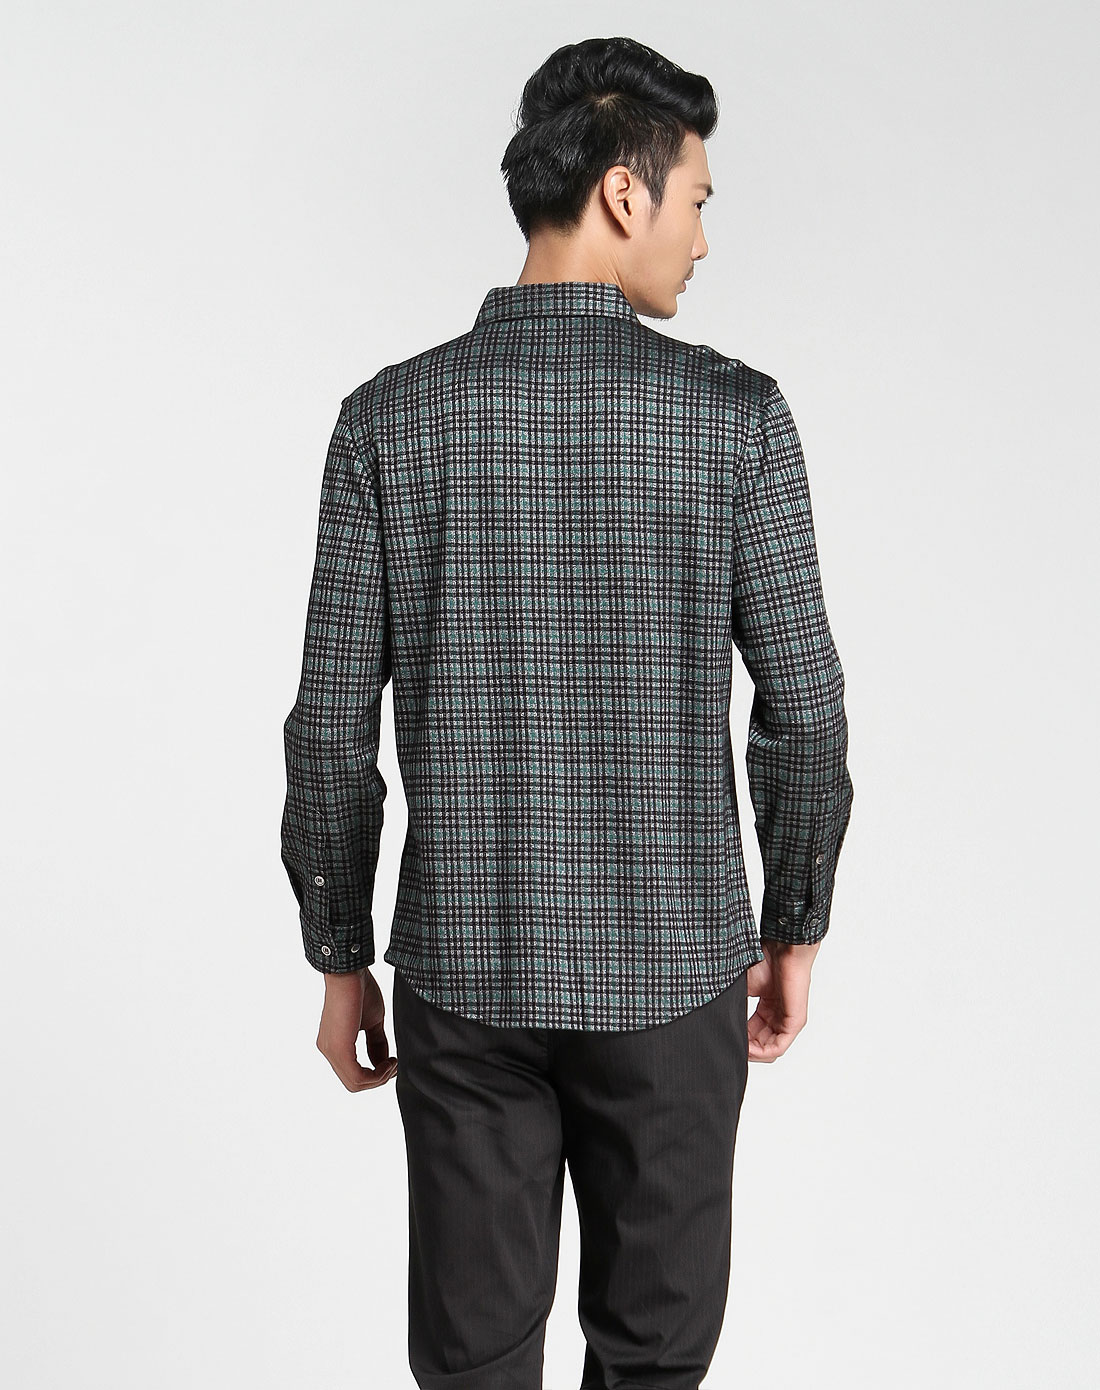 男士衬衫领绿灰色格子长袖衬衫